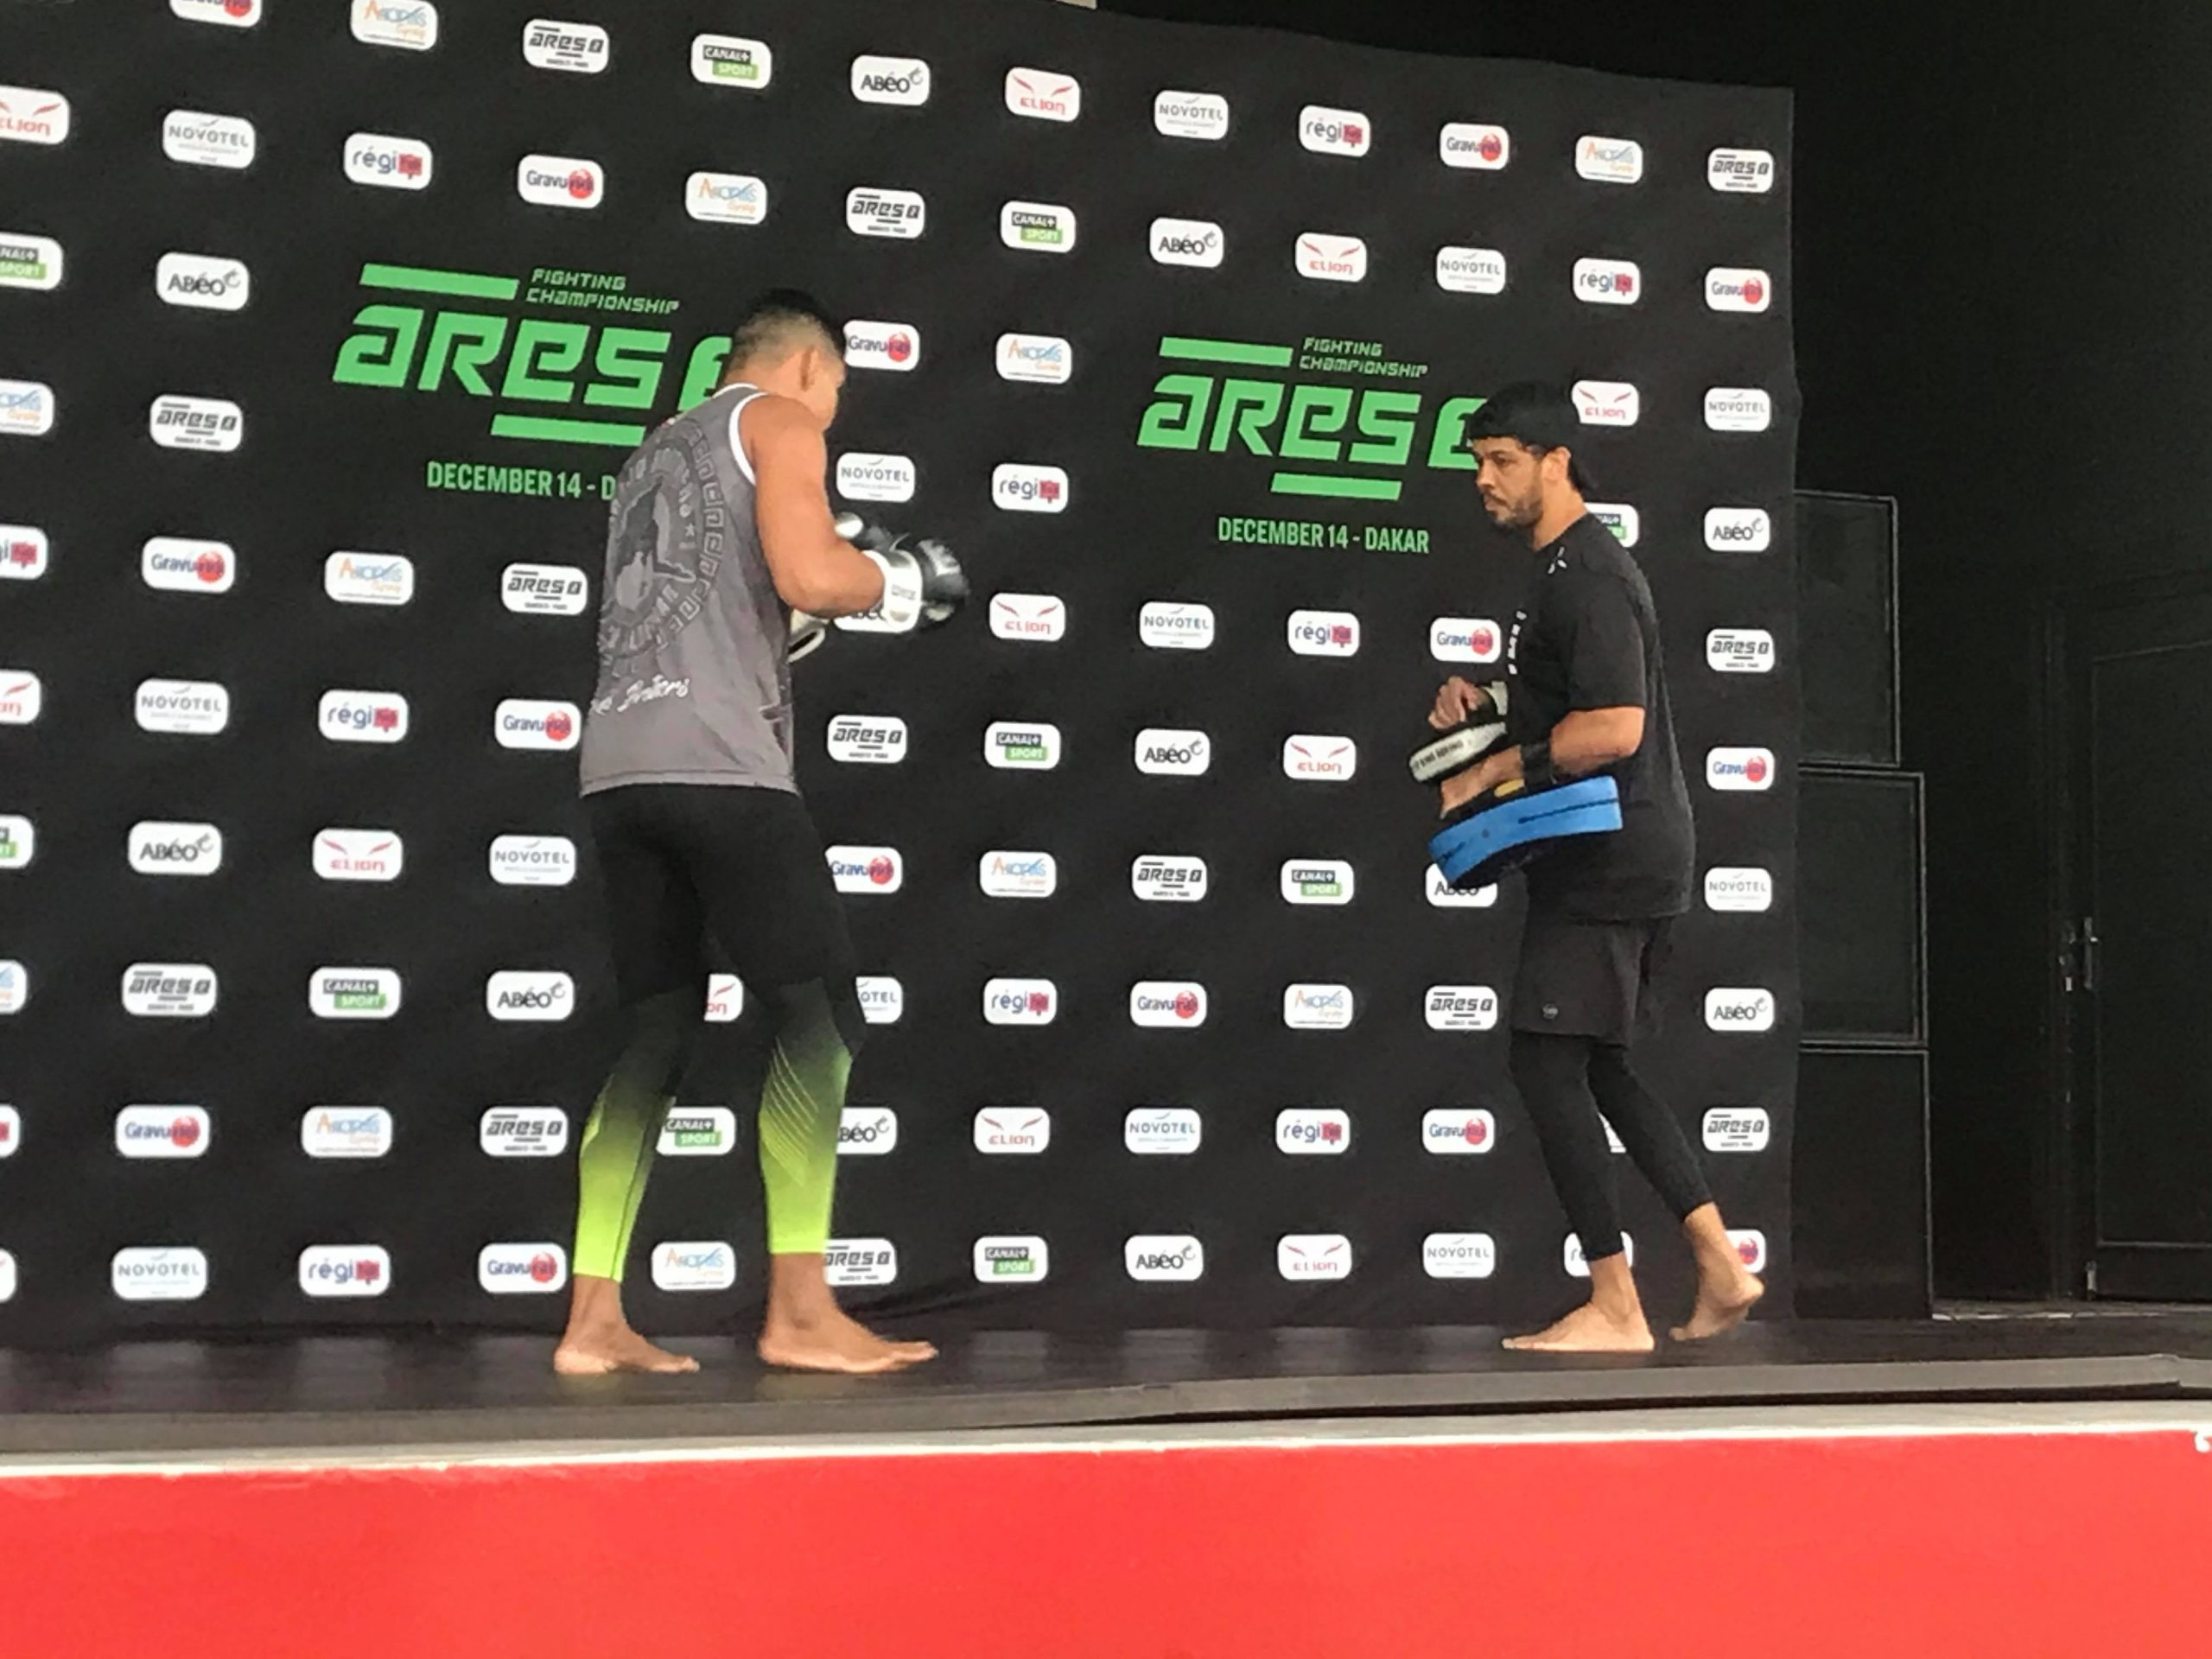 79189689 2858201517524047 4497453142622863360 n scaled - MMA : Reug Reug et son adversaire Sofiane, présentés au public (13 Photos)